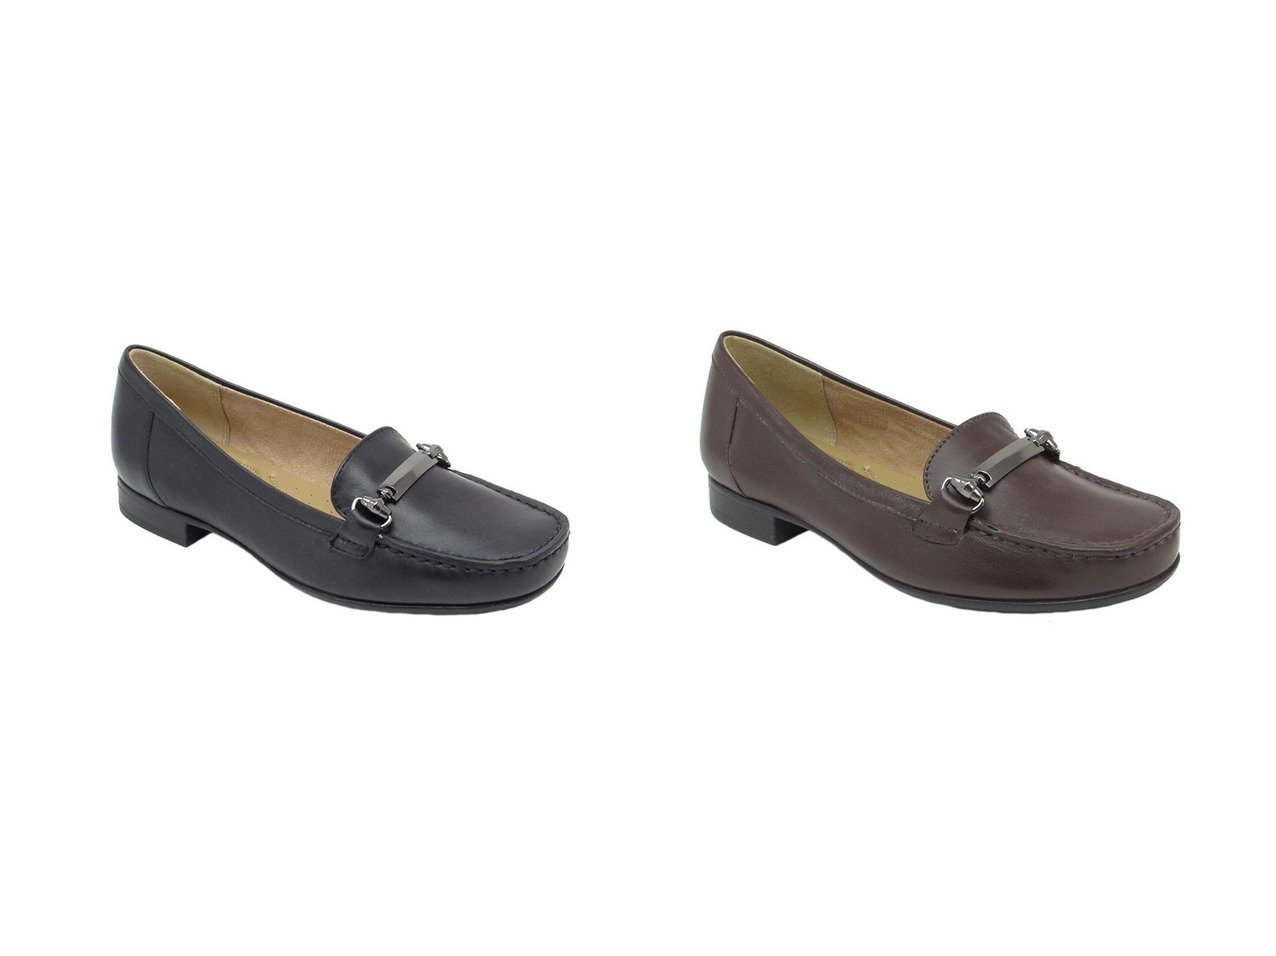 【Foot Community/フット コミュニティ】の【ナチュラライザー】ビットローファー 【シューズ・靴】おすすめ!人気、トレンド・レディースファッションの通販 おすすめで人気の流行・トレンド、ファッションの通販商品 メンズファッション・キッズファッション・インテリア・家具・レディースファッション・服の通販 founy(ファニー) https://founy.com/ ファッション Fashion レディースファッション WOMEN 送料無料 Free Shipping クッション シューズ フラット 人気 |ID:crp329100000030419